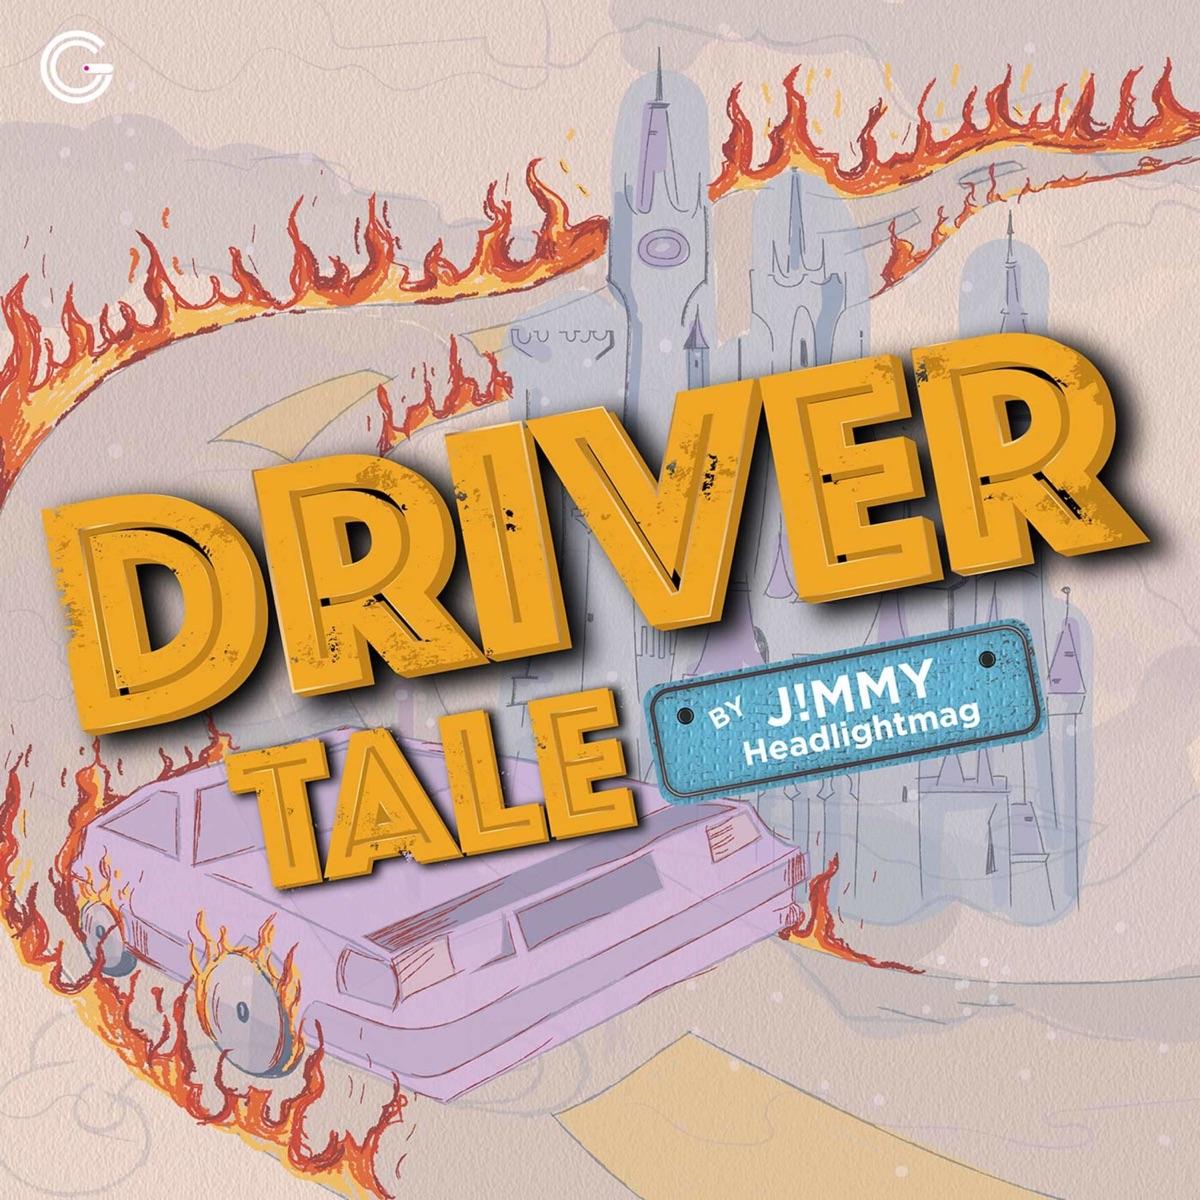 DriverTale by JiMMY Headlightmag